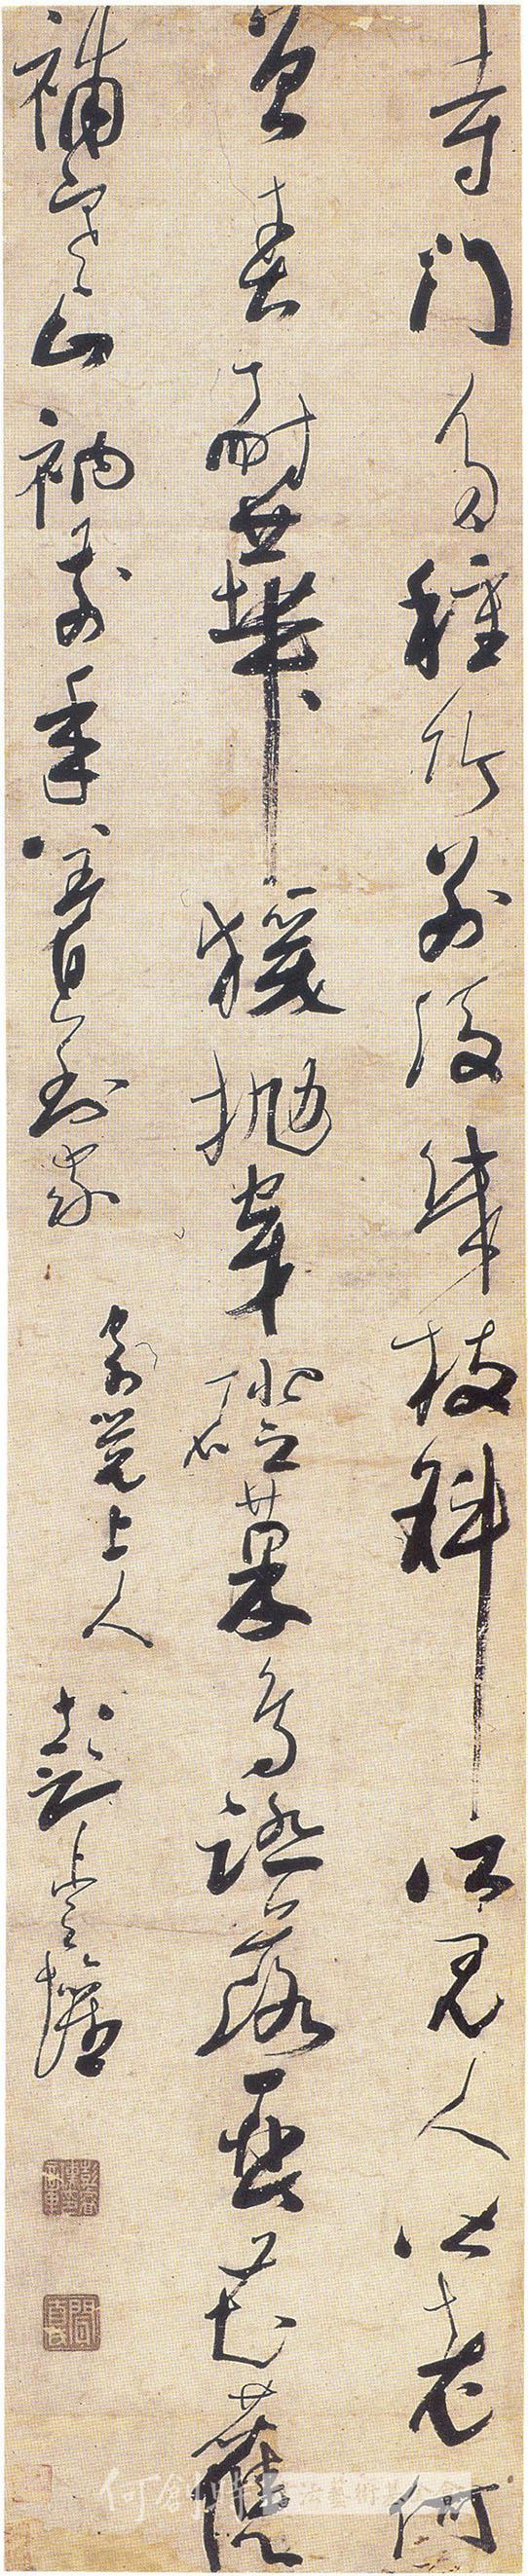 清代彭睿壦《寄觉上人五律诗轴》 何创时书法艺术基金会藏